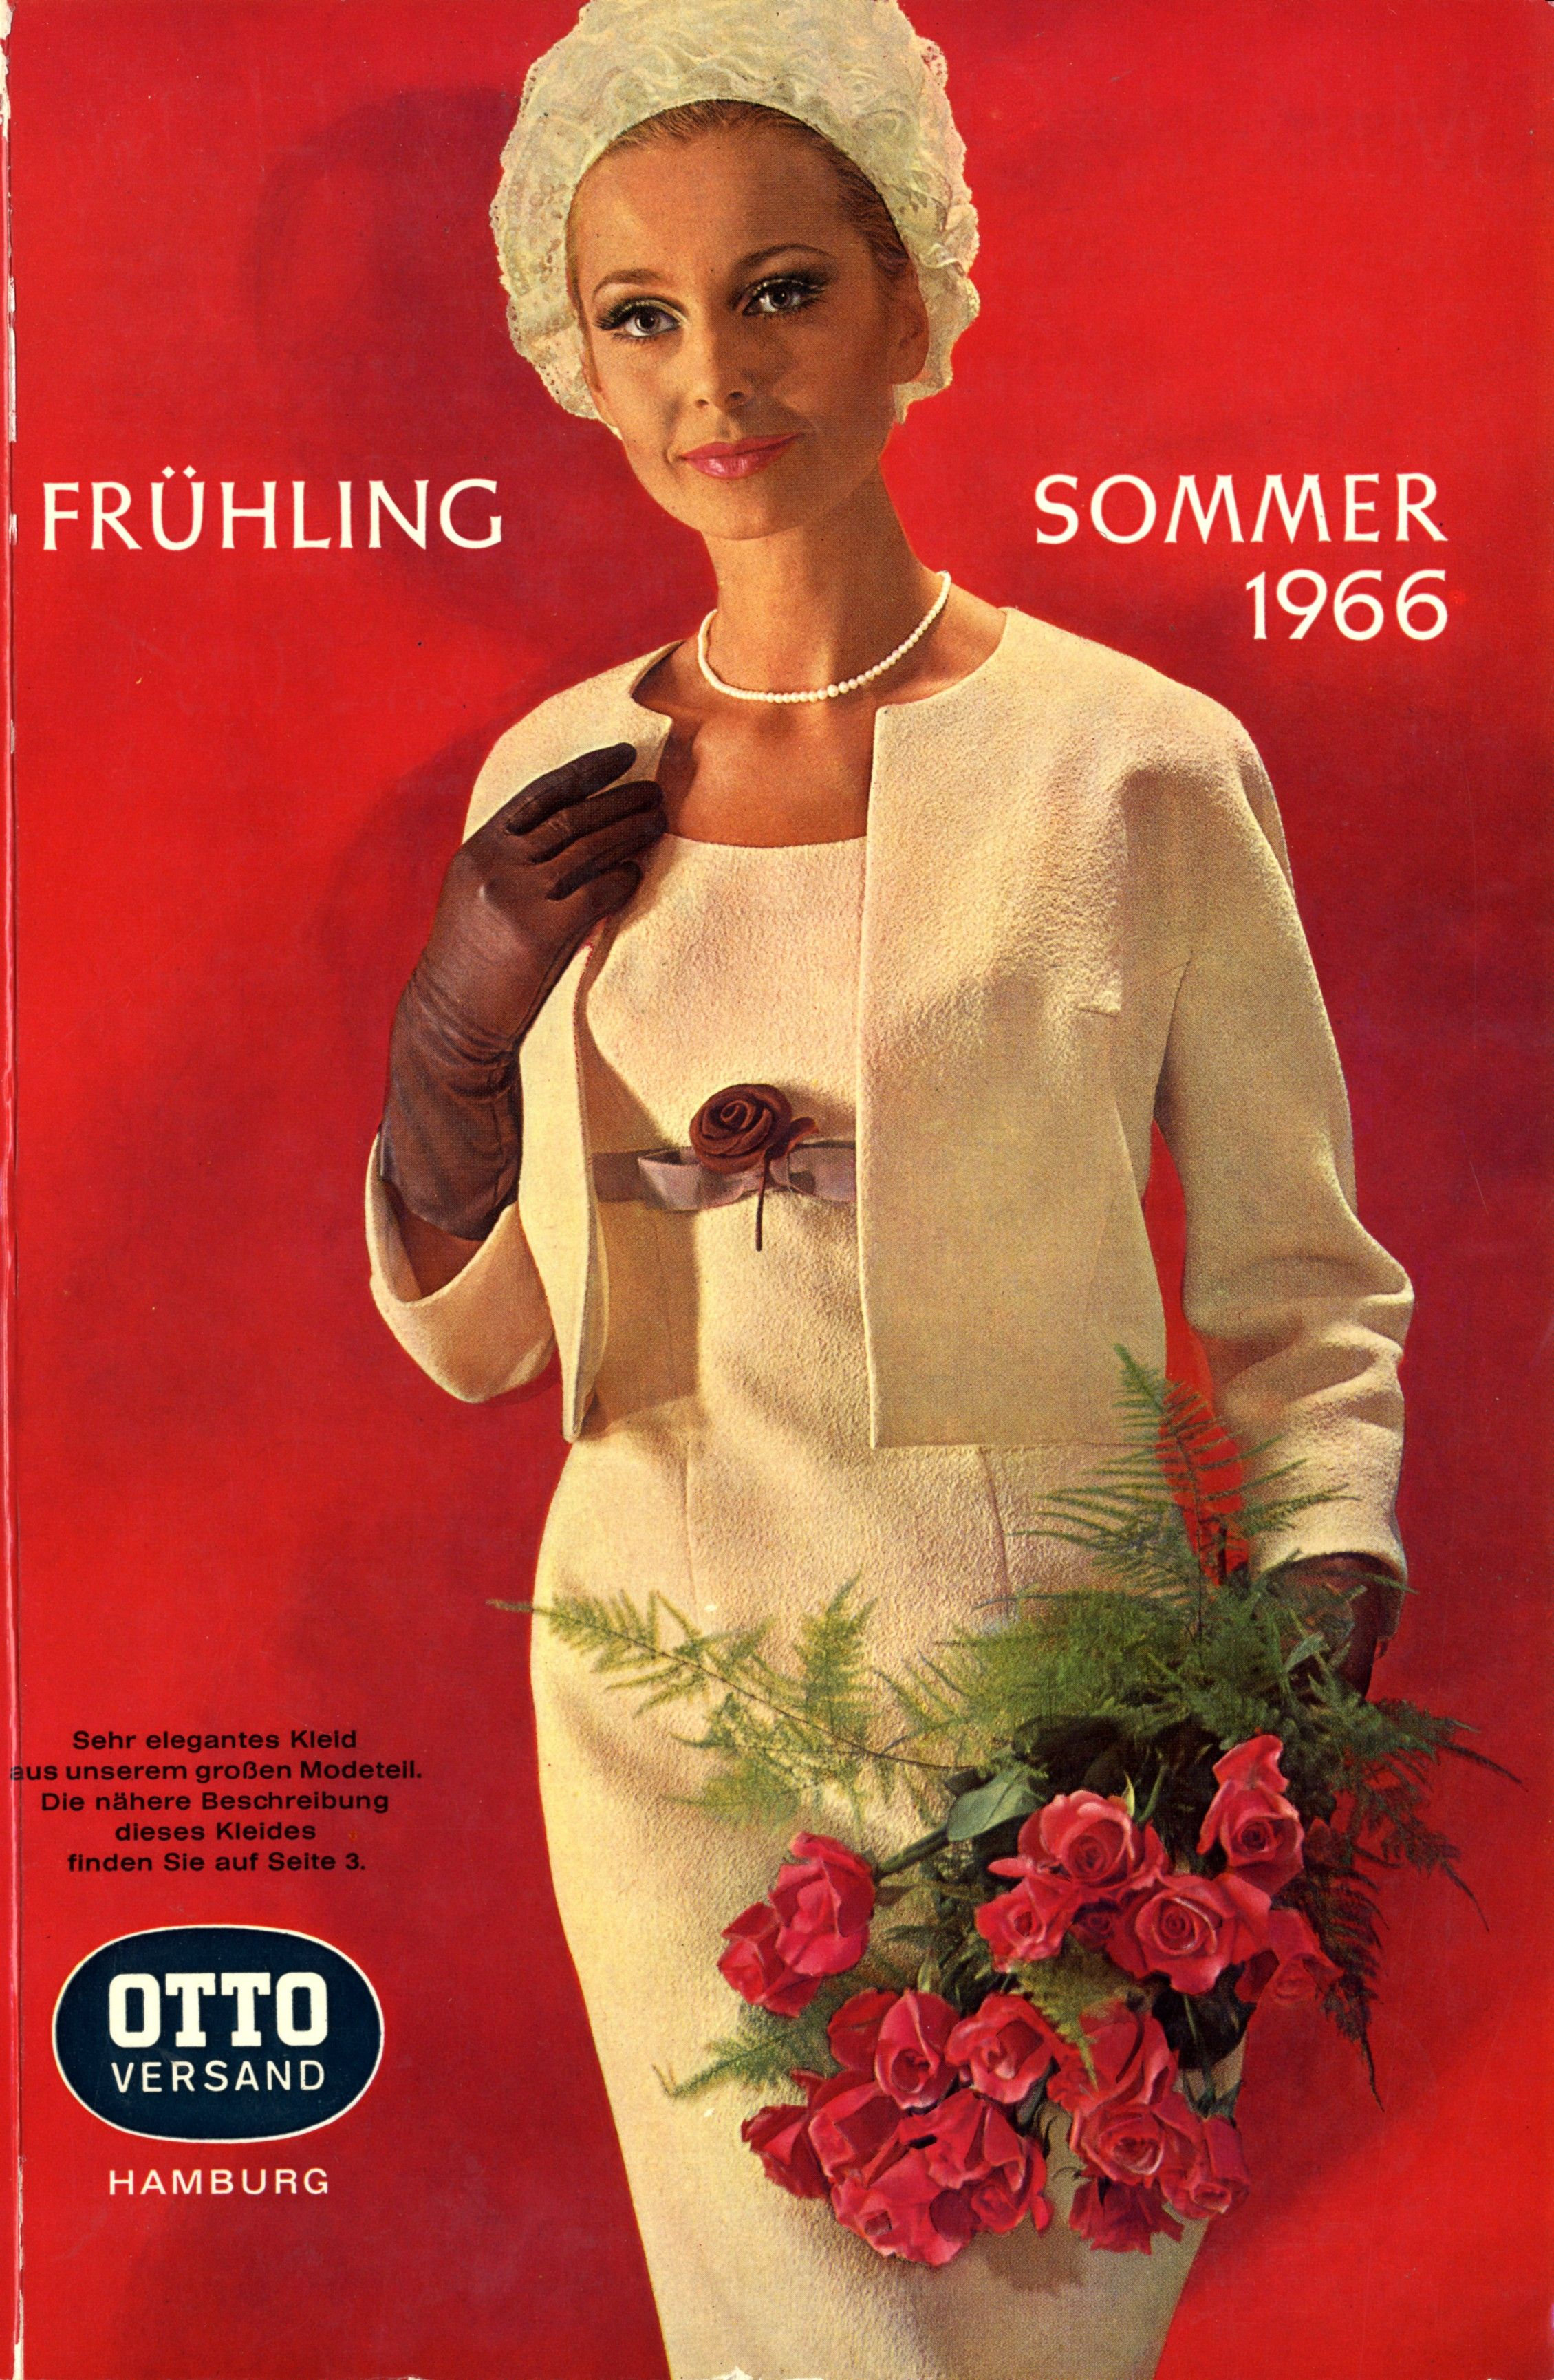 Katalogcover fr hjahr sommer 1966 in diesem jahr befinden sich im otto katalog erstmals st cke - Yellow mobel katalog ...